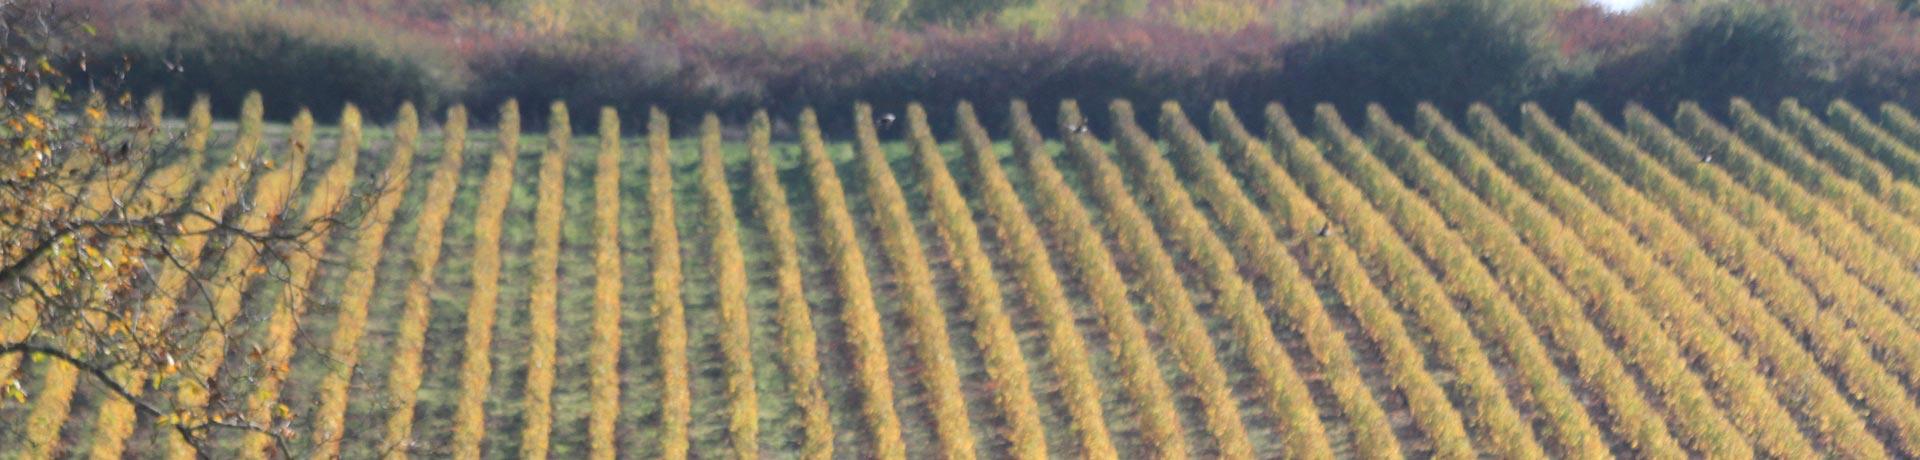 Vignes Pouilly-Fumé Domaine Barillot